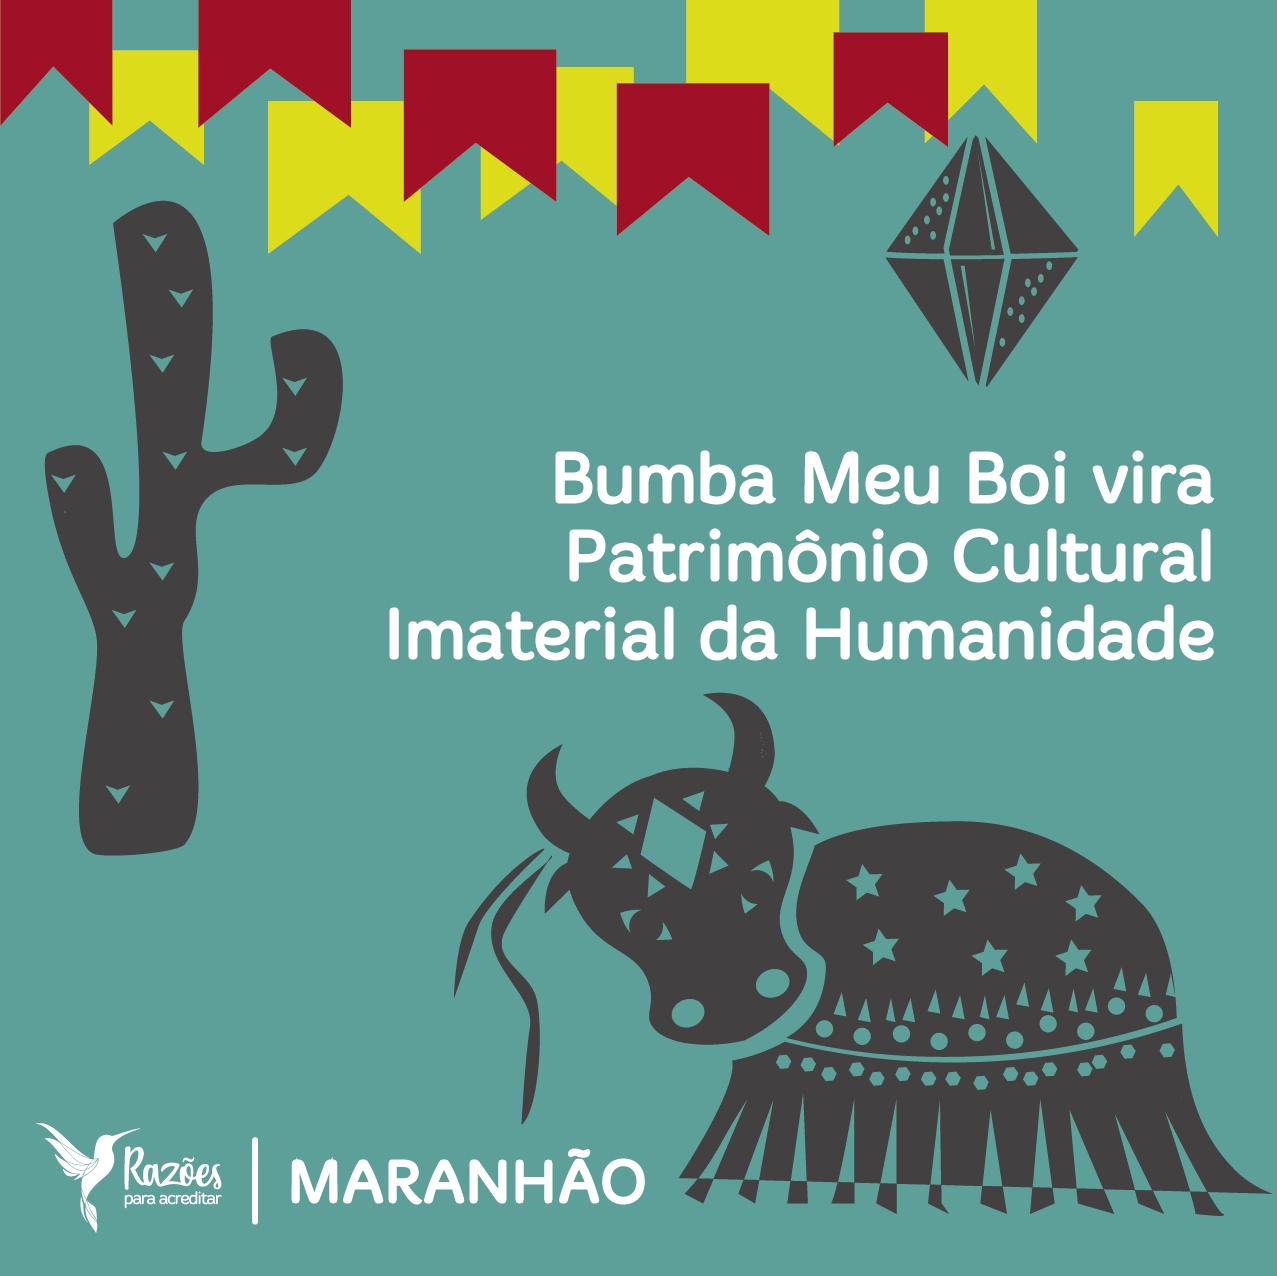 boas notícias ilustrações razões para acreditar - Maranhão